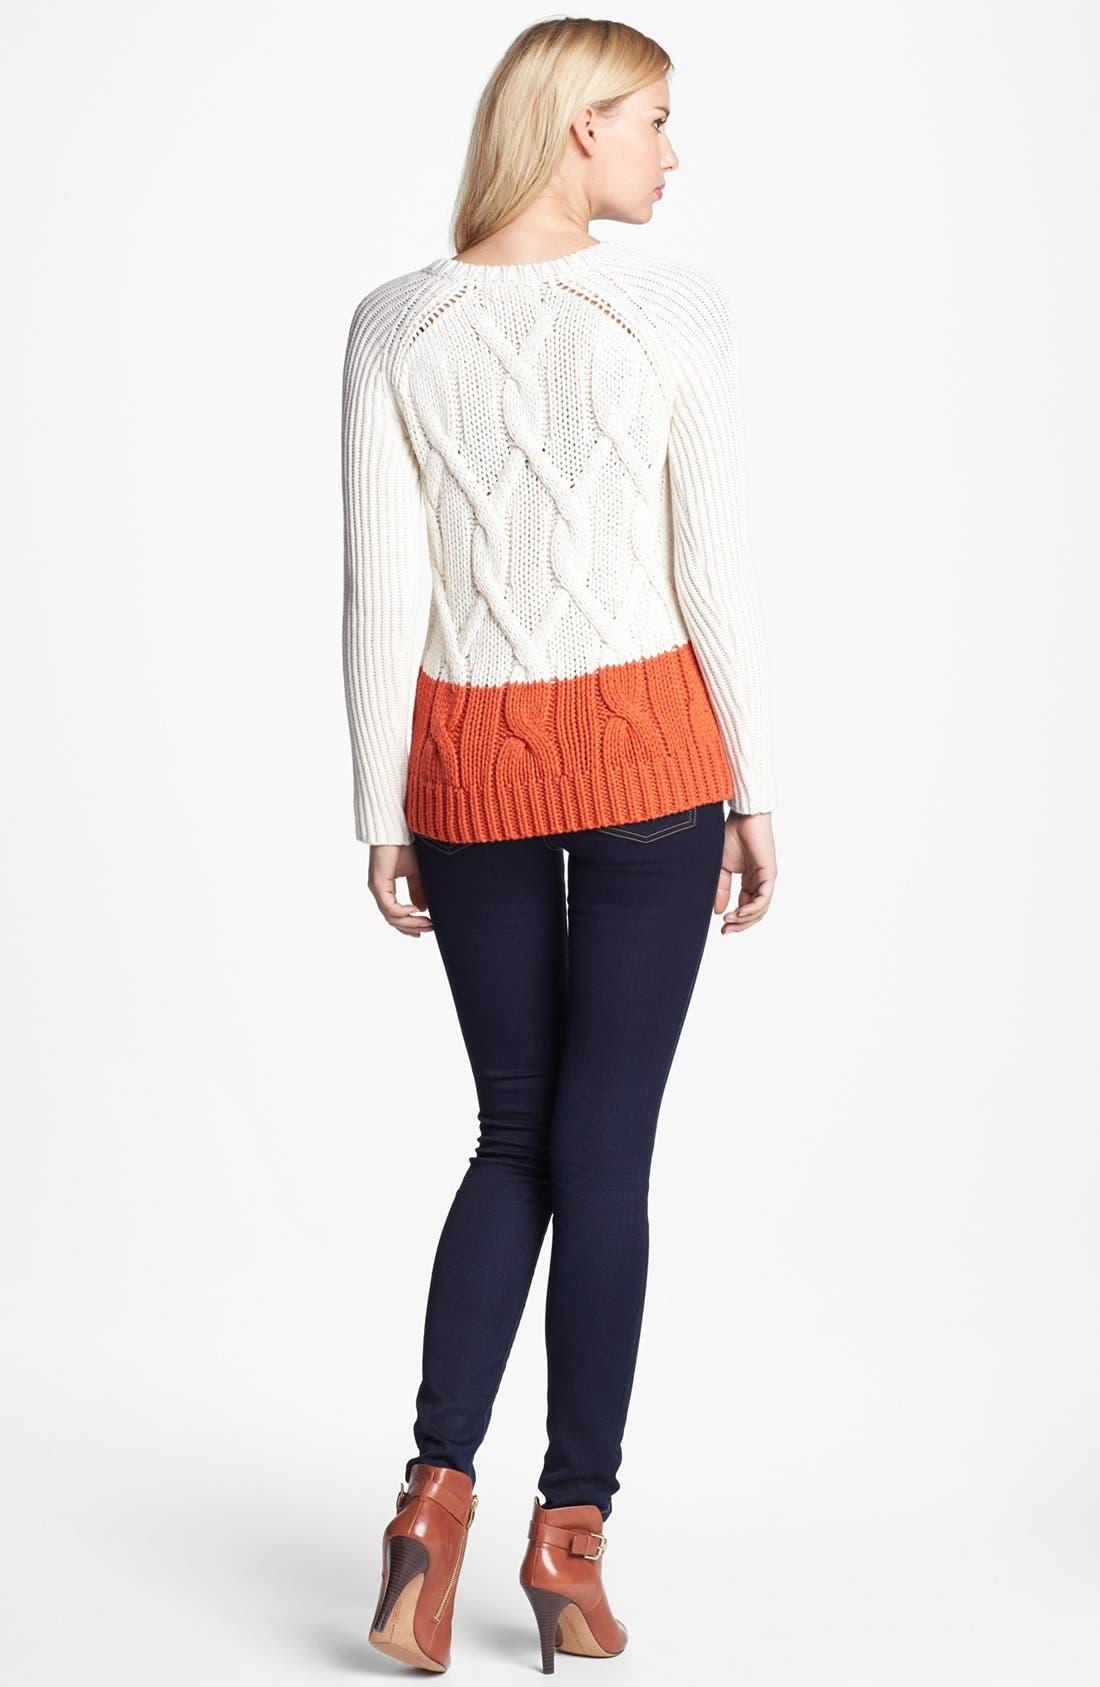 Main Image - MICHAEL Michael Kors Colorblock Sweater & Skinny Jeans